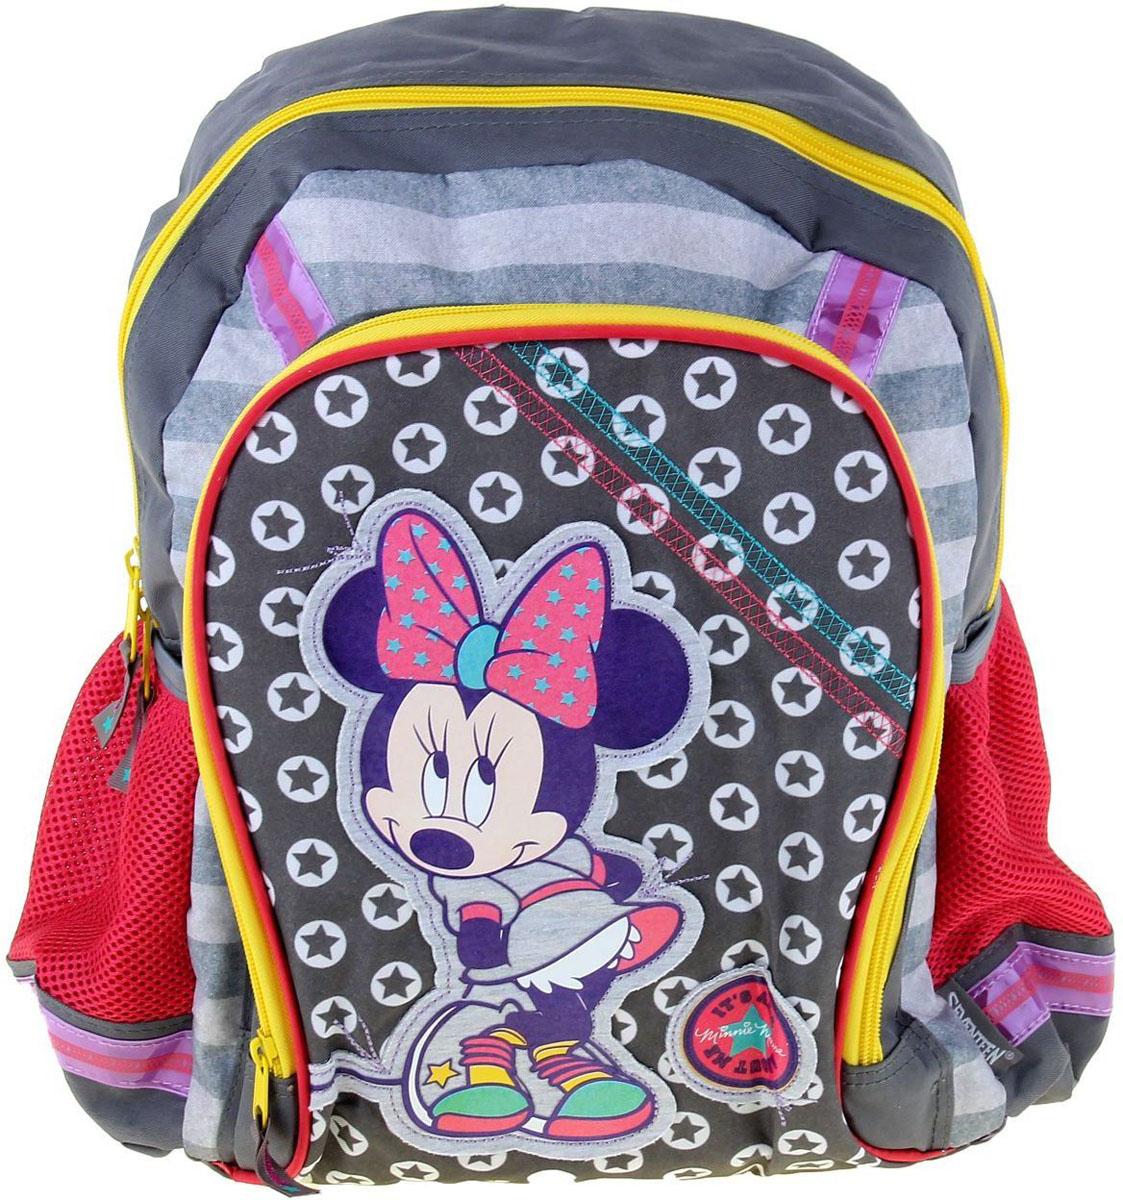 Disney Рюкзак Minnie Mouse1158319Рюкзак Disney Minnie Mouse станет незаменимым спутником вашего ребенка в походах за знаниями.Рюкзак выполнен из прочного материала и оформлен изображением Минни Маус. Содержит одно вместительное отделение на застежке-молнии. Лицевая сторона рюкзака оснащена накладным карманом на застежке-молнии. По бокам рюкзака расположены два накладных кармана на резинке. Ортопедическая спинка равномерно распределяет нагрузку на плечевые суставы и спину. Конструкция спинки дополнена эргономичными подушечками, противоскользящей сеточкой и системой вентиляции для предотвращения запотевания спины ребенка. Мягкие широкие лямки позволяют легко и быстро отрегулировать рюкзак в соответствии с ростом. Рюкзак оснащен текстильной ручкой для удобной переноски в руке. Светоотражающие элементы обеспечивают безопасность в темное время суток.